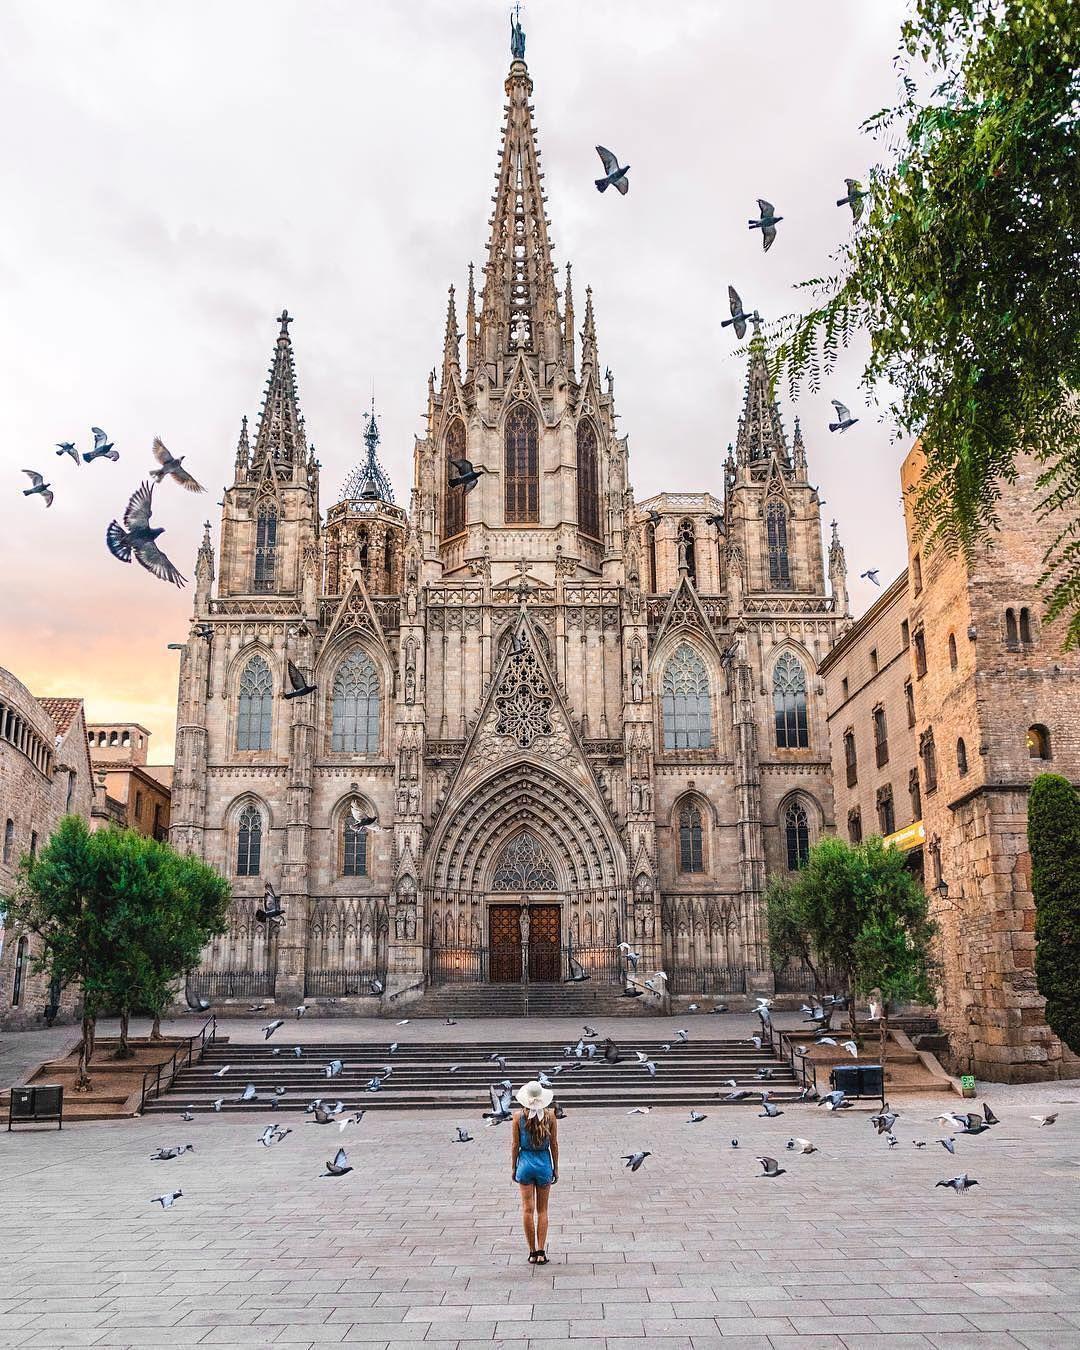 En El Momento Justo El Disparo Perfecto Cierro Los Ojos Y Está Imagen Me Traslada A Otra época Donde Fotos De Barcelona Viajes En Mexico Recuerdos De Viaje